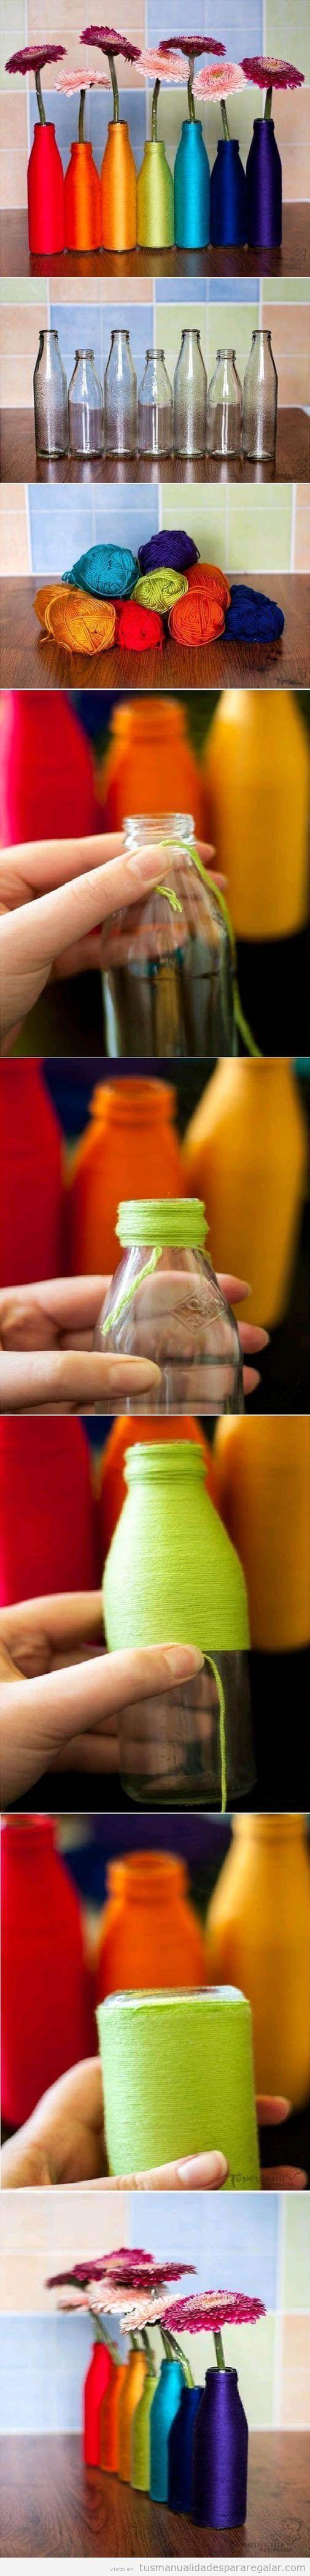 Manualidades regalar, tutorial jarrones DIY con botellas e hilos